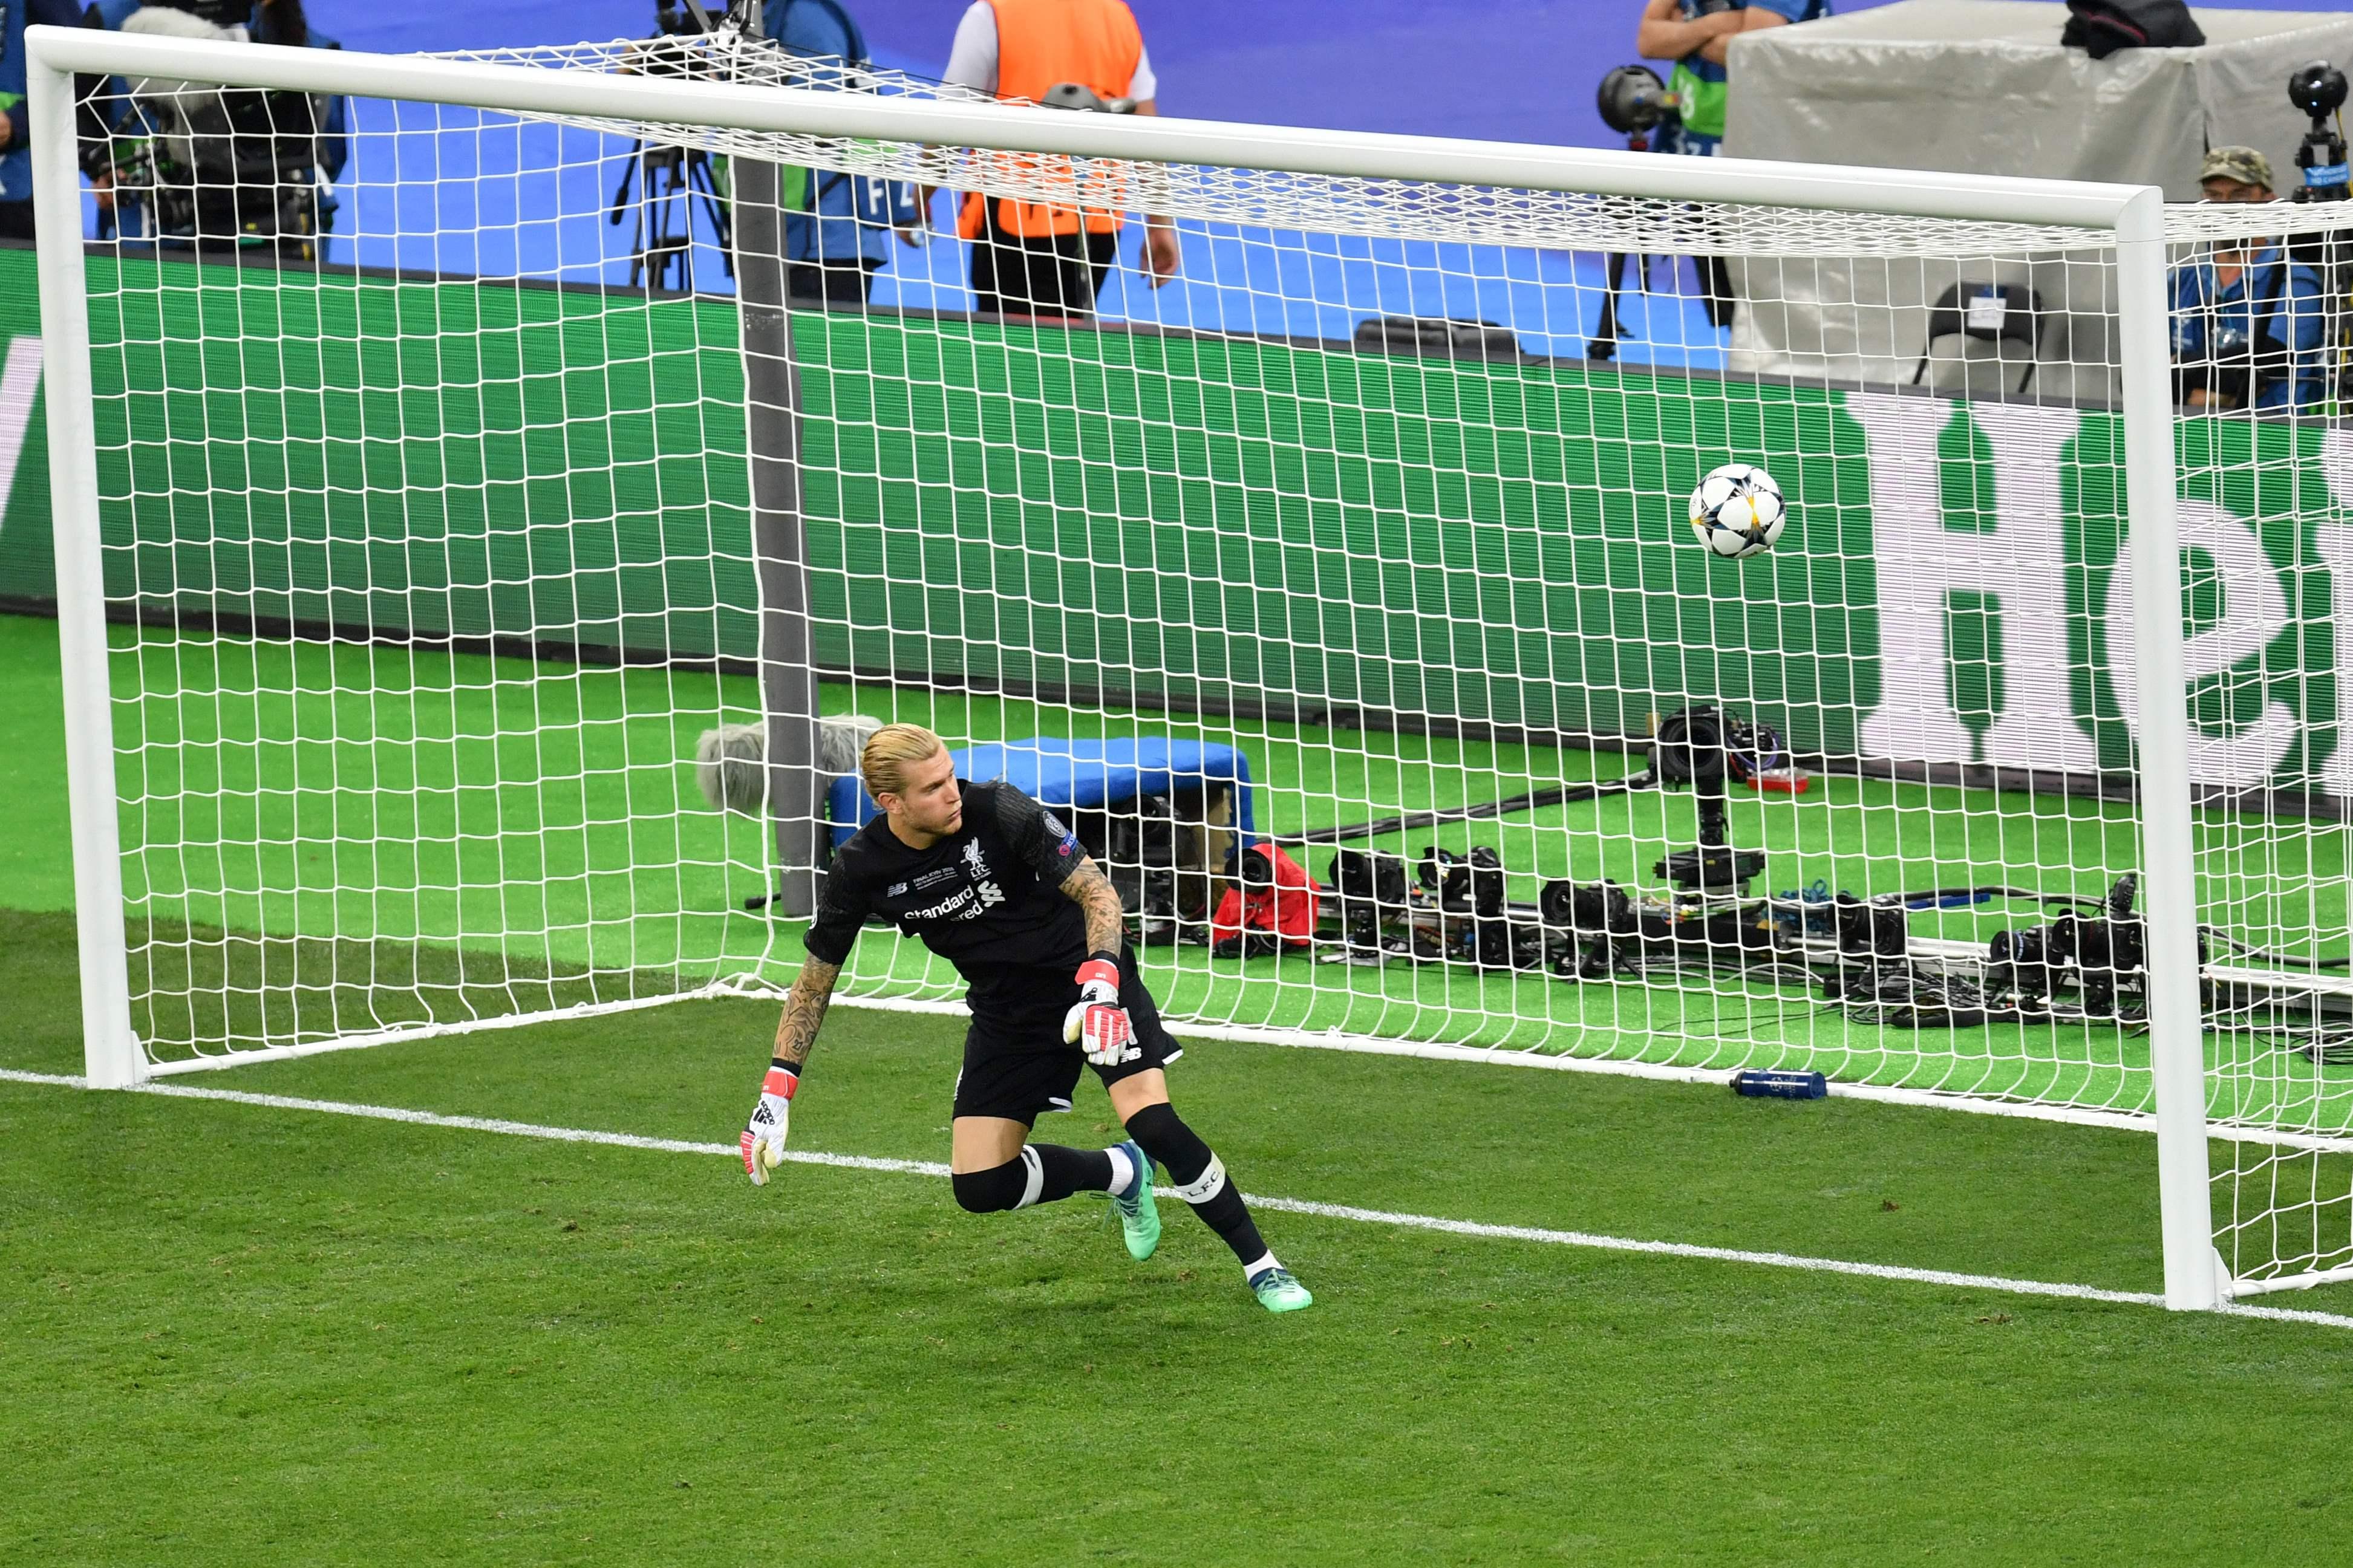 UEFA stelt geen onderzoek naar Ramos in vanwege hersenschudding Karius